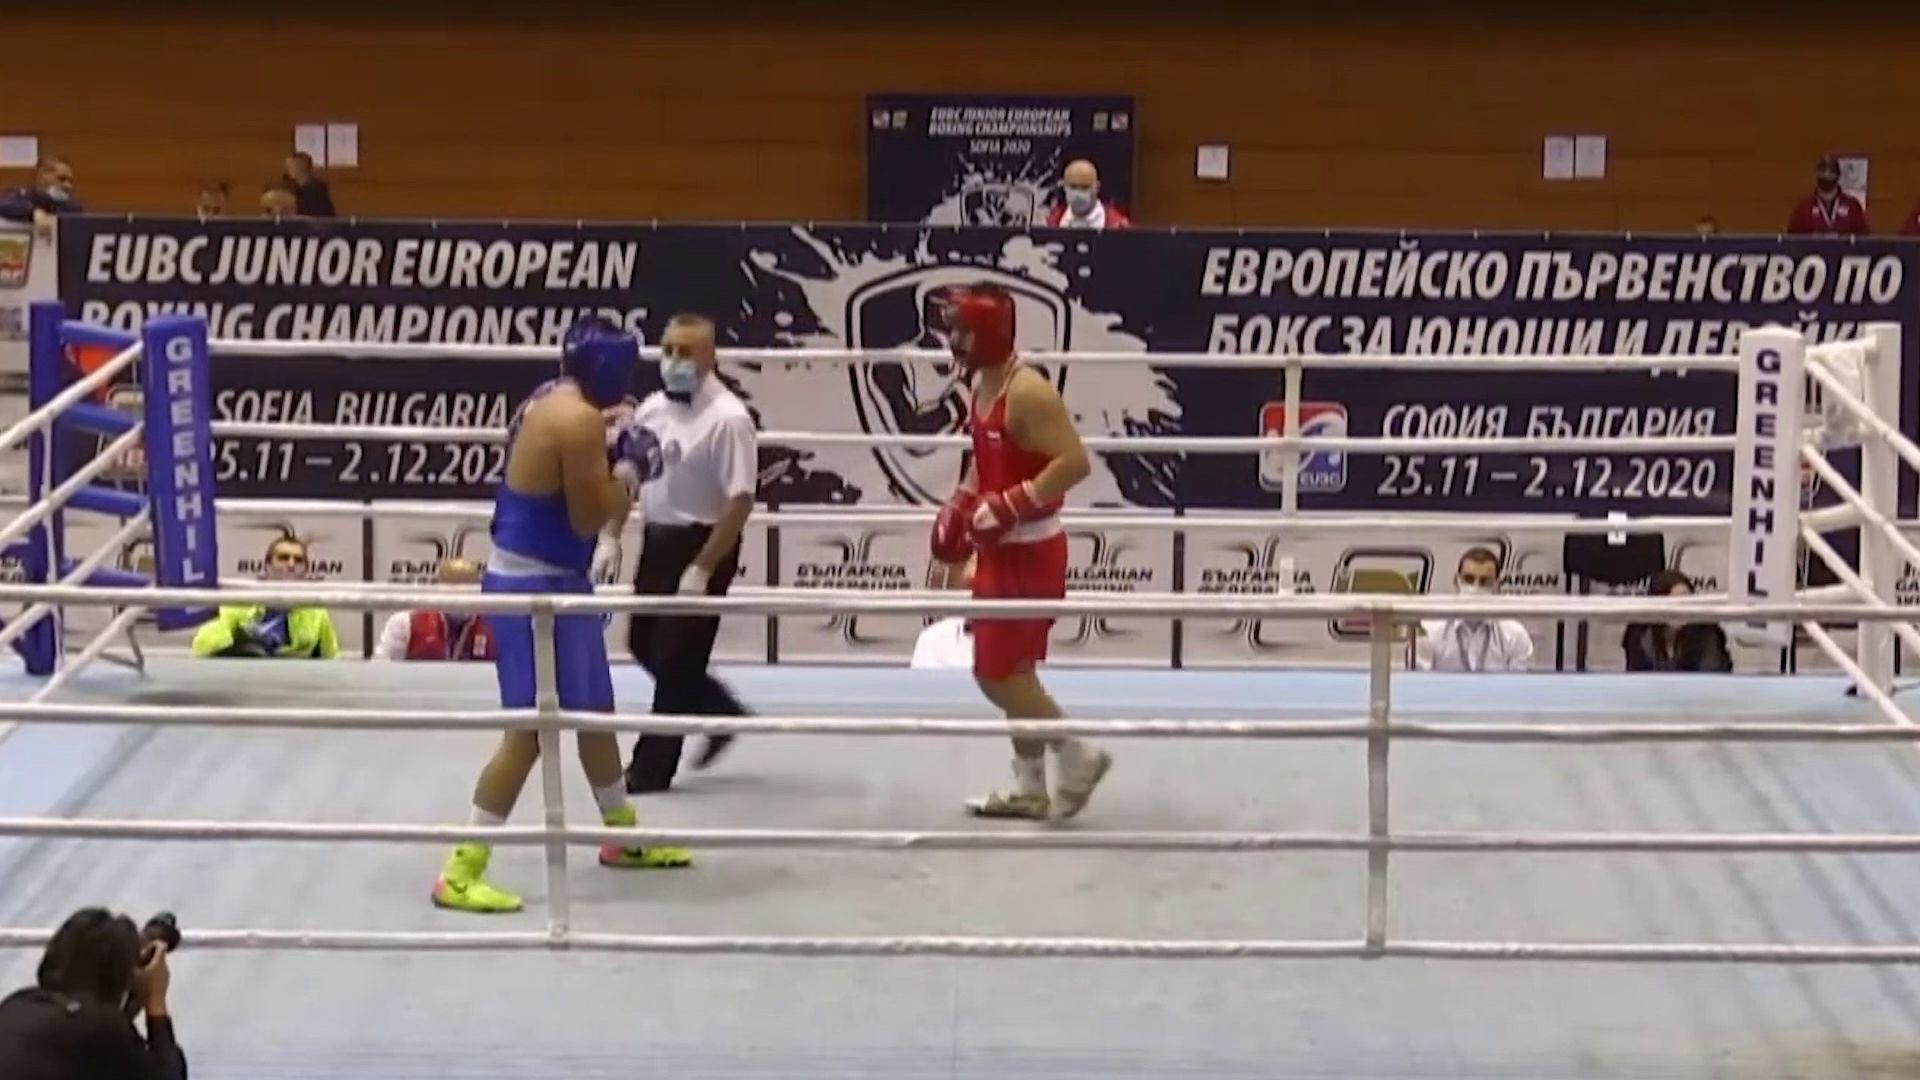 Рыбинец выиграл первенство Европы в Болгарии